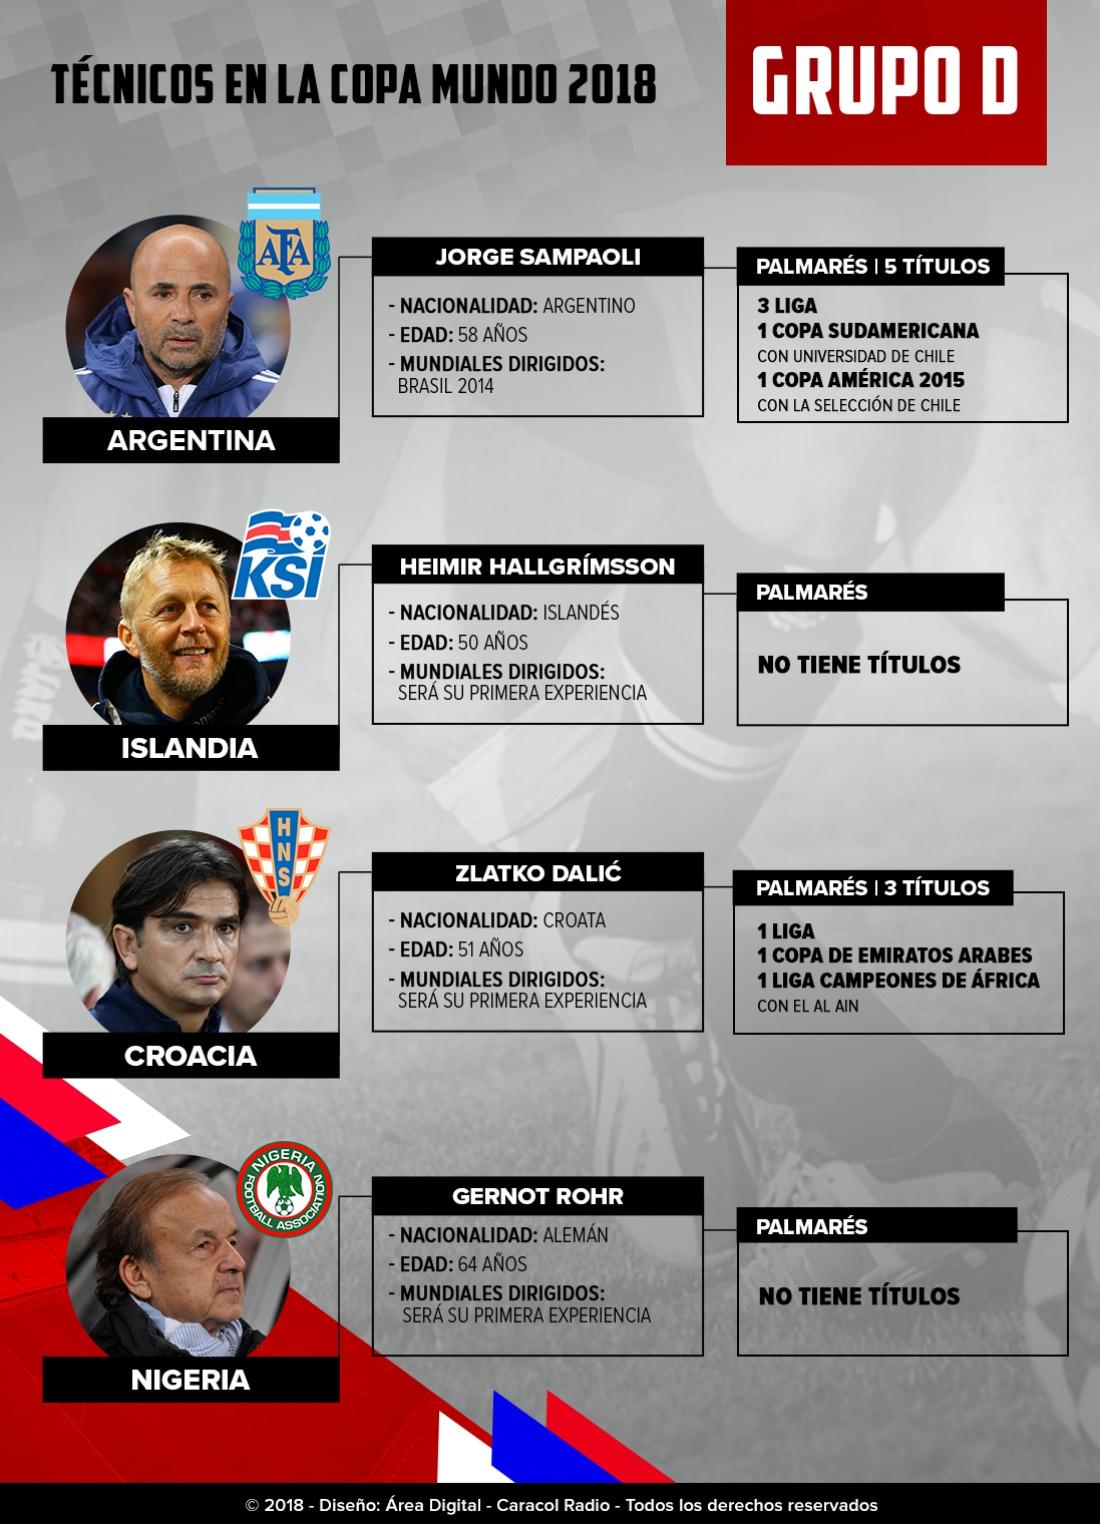 Mundial 2018: Los técnicos: Sampaoli, el único estratega que no debuta en el Grupo D